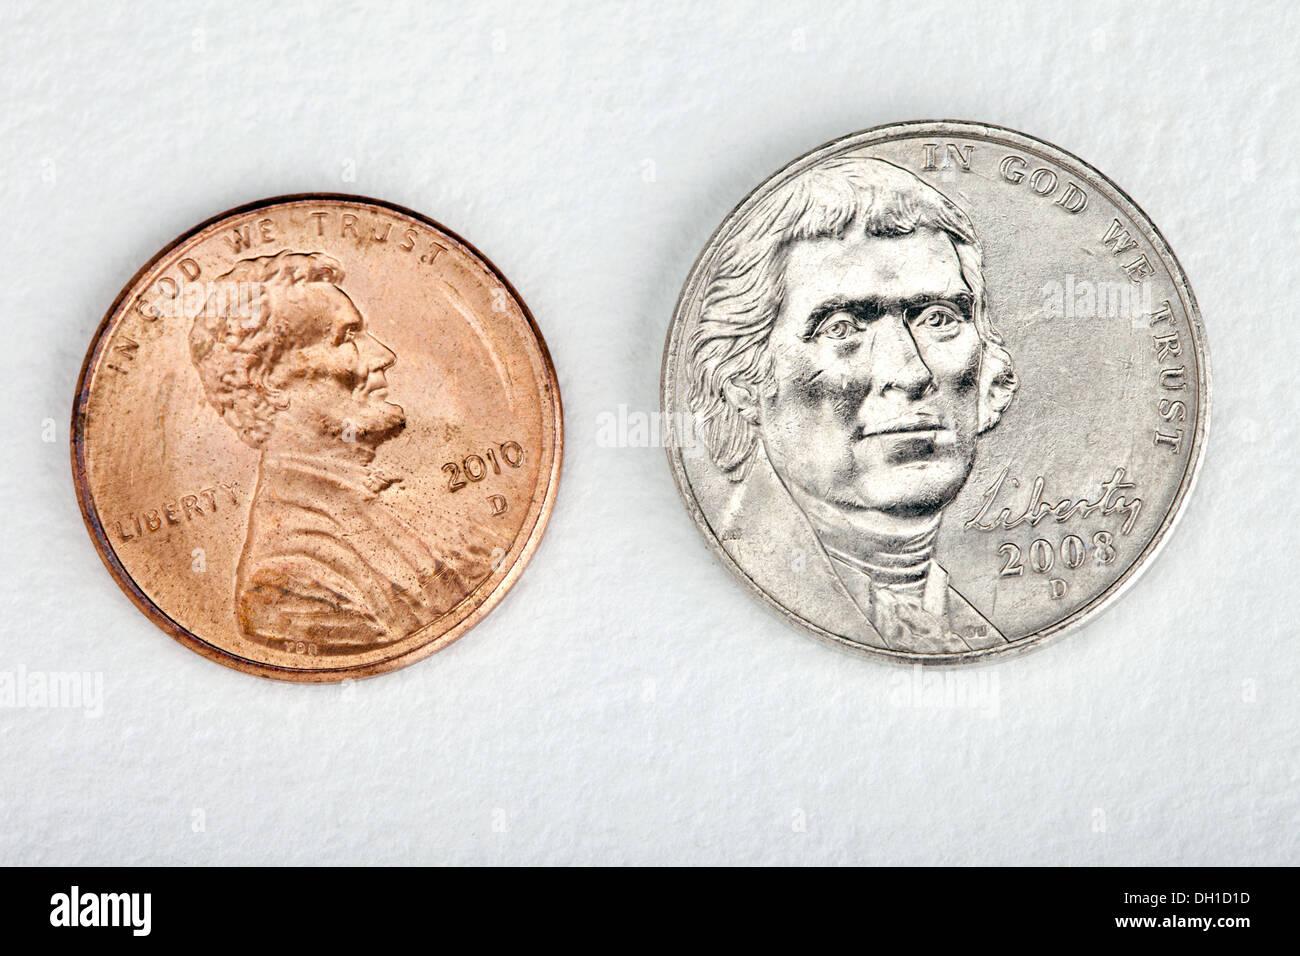 Abraham Lincoln Ein Cent Kupfer Zink Cent Münze Und Thomas Jefferson